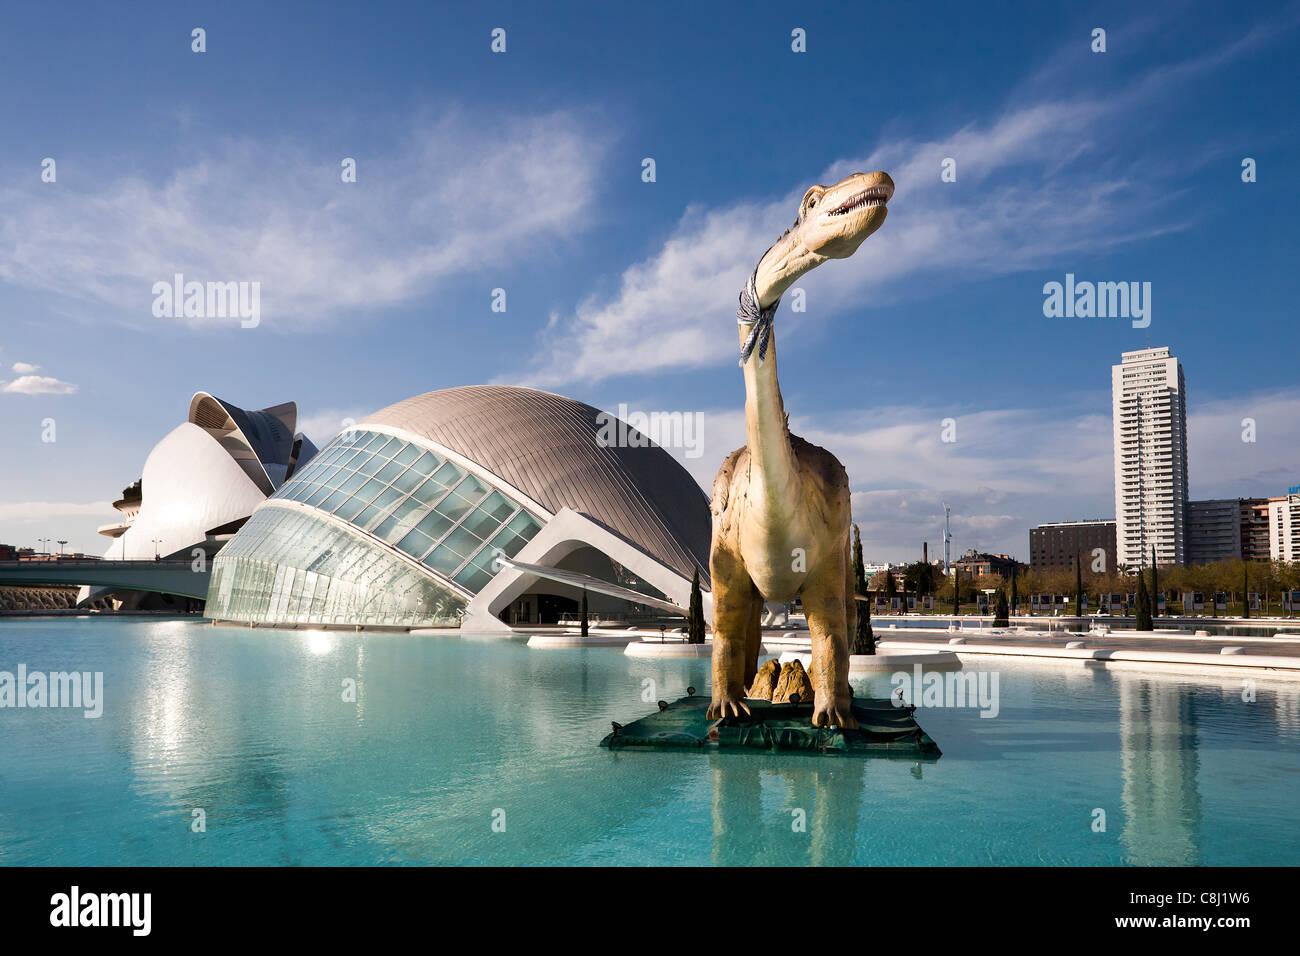 Spanien, Europa, Valencia, Stadt der Künste und Wissenschaften, Calatrava, Architektur, Modern, Dinosaurier, Stockbild